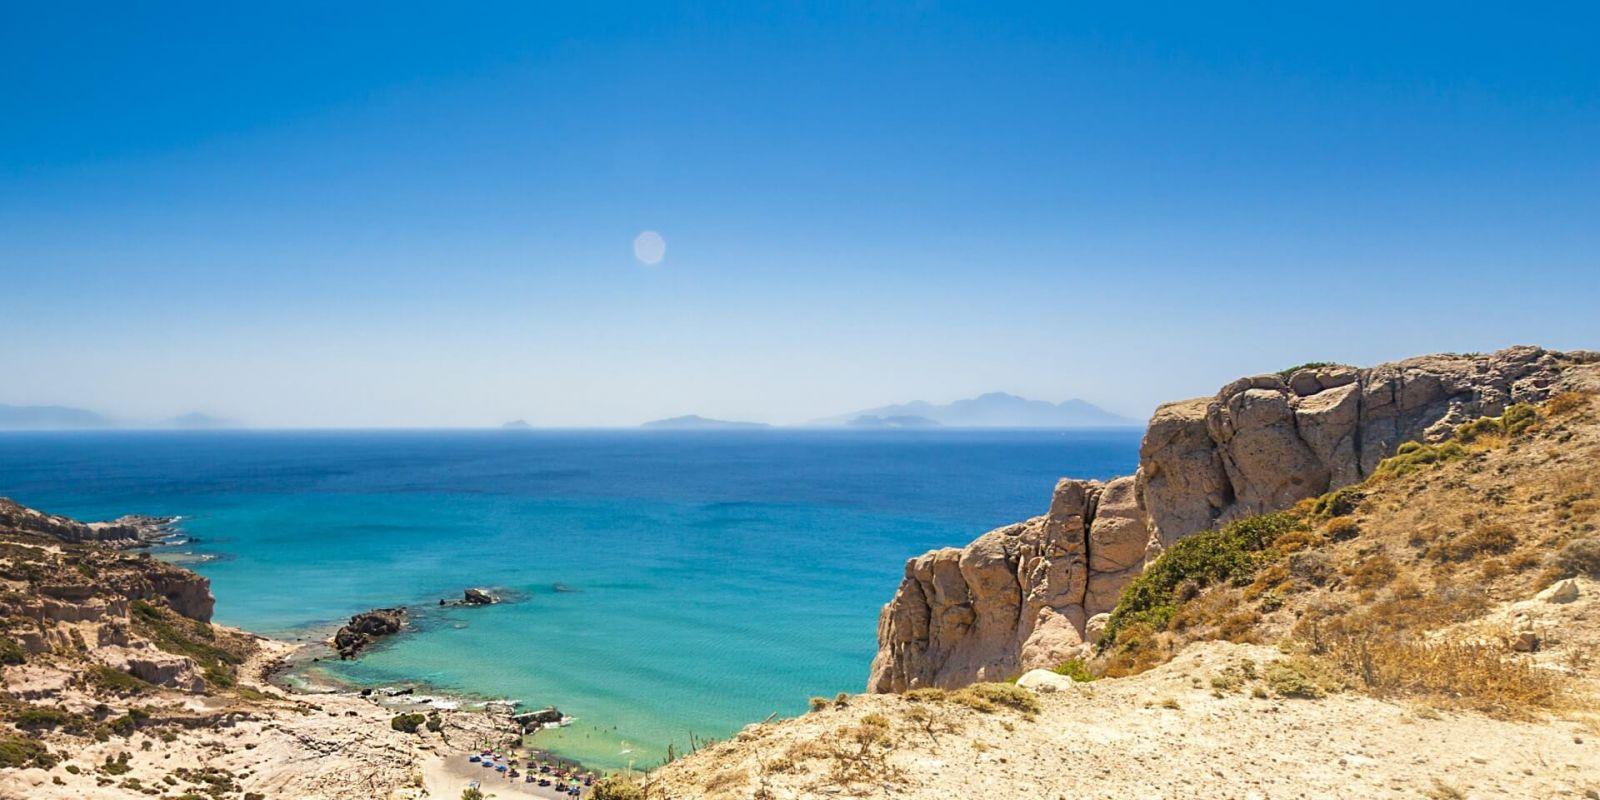 https://www.talamare.fr/medias/Vue de Paradise Beach sur l'île de Kos lors d'une location de yacht en Grèce dans le Dodécanèse